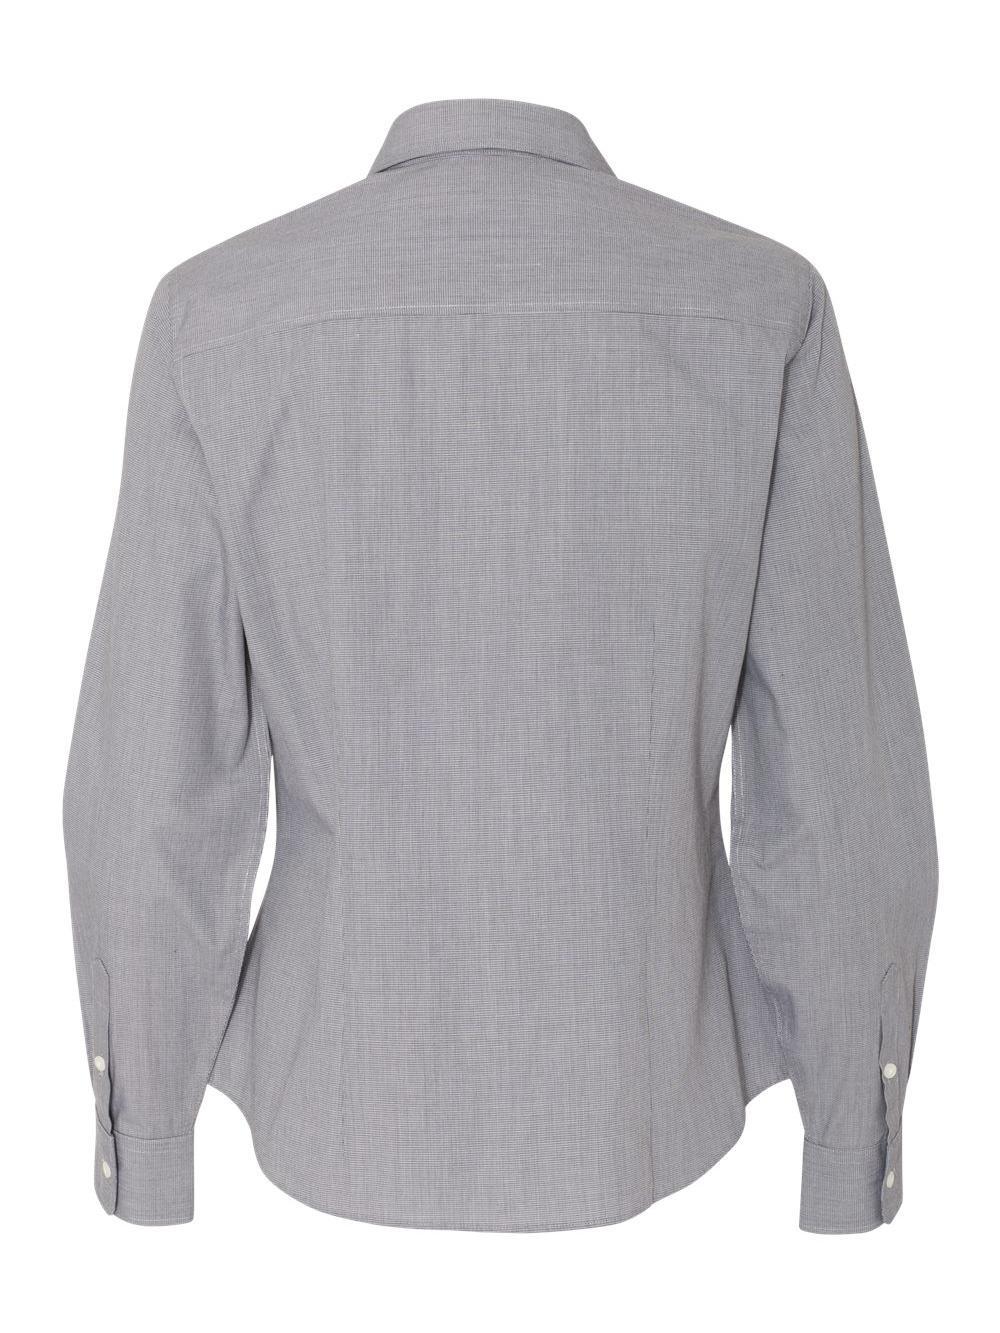 Van-Heusen-Women-039-s-Yarn-Dyed-Mini-Check-Long-Sleeve-Shirt-13V0427 thumbnail 4